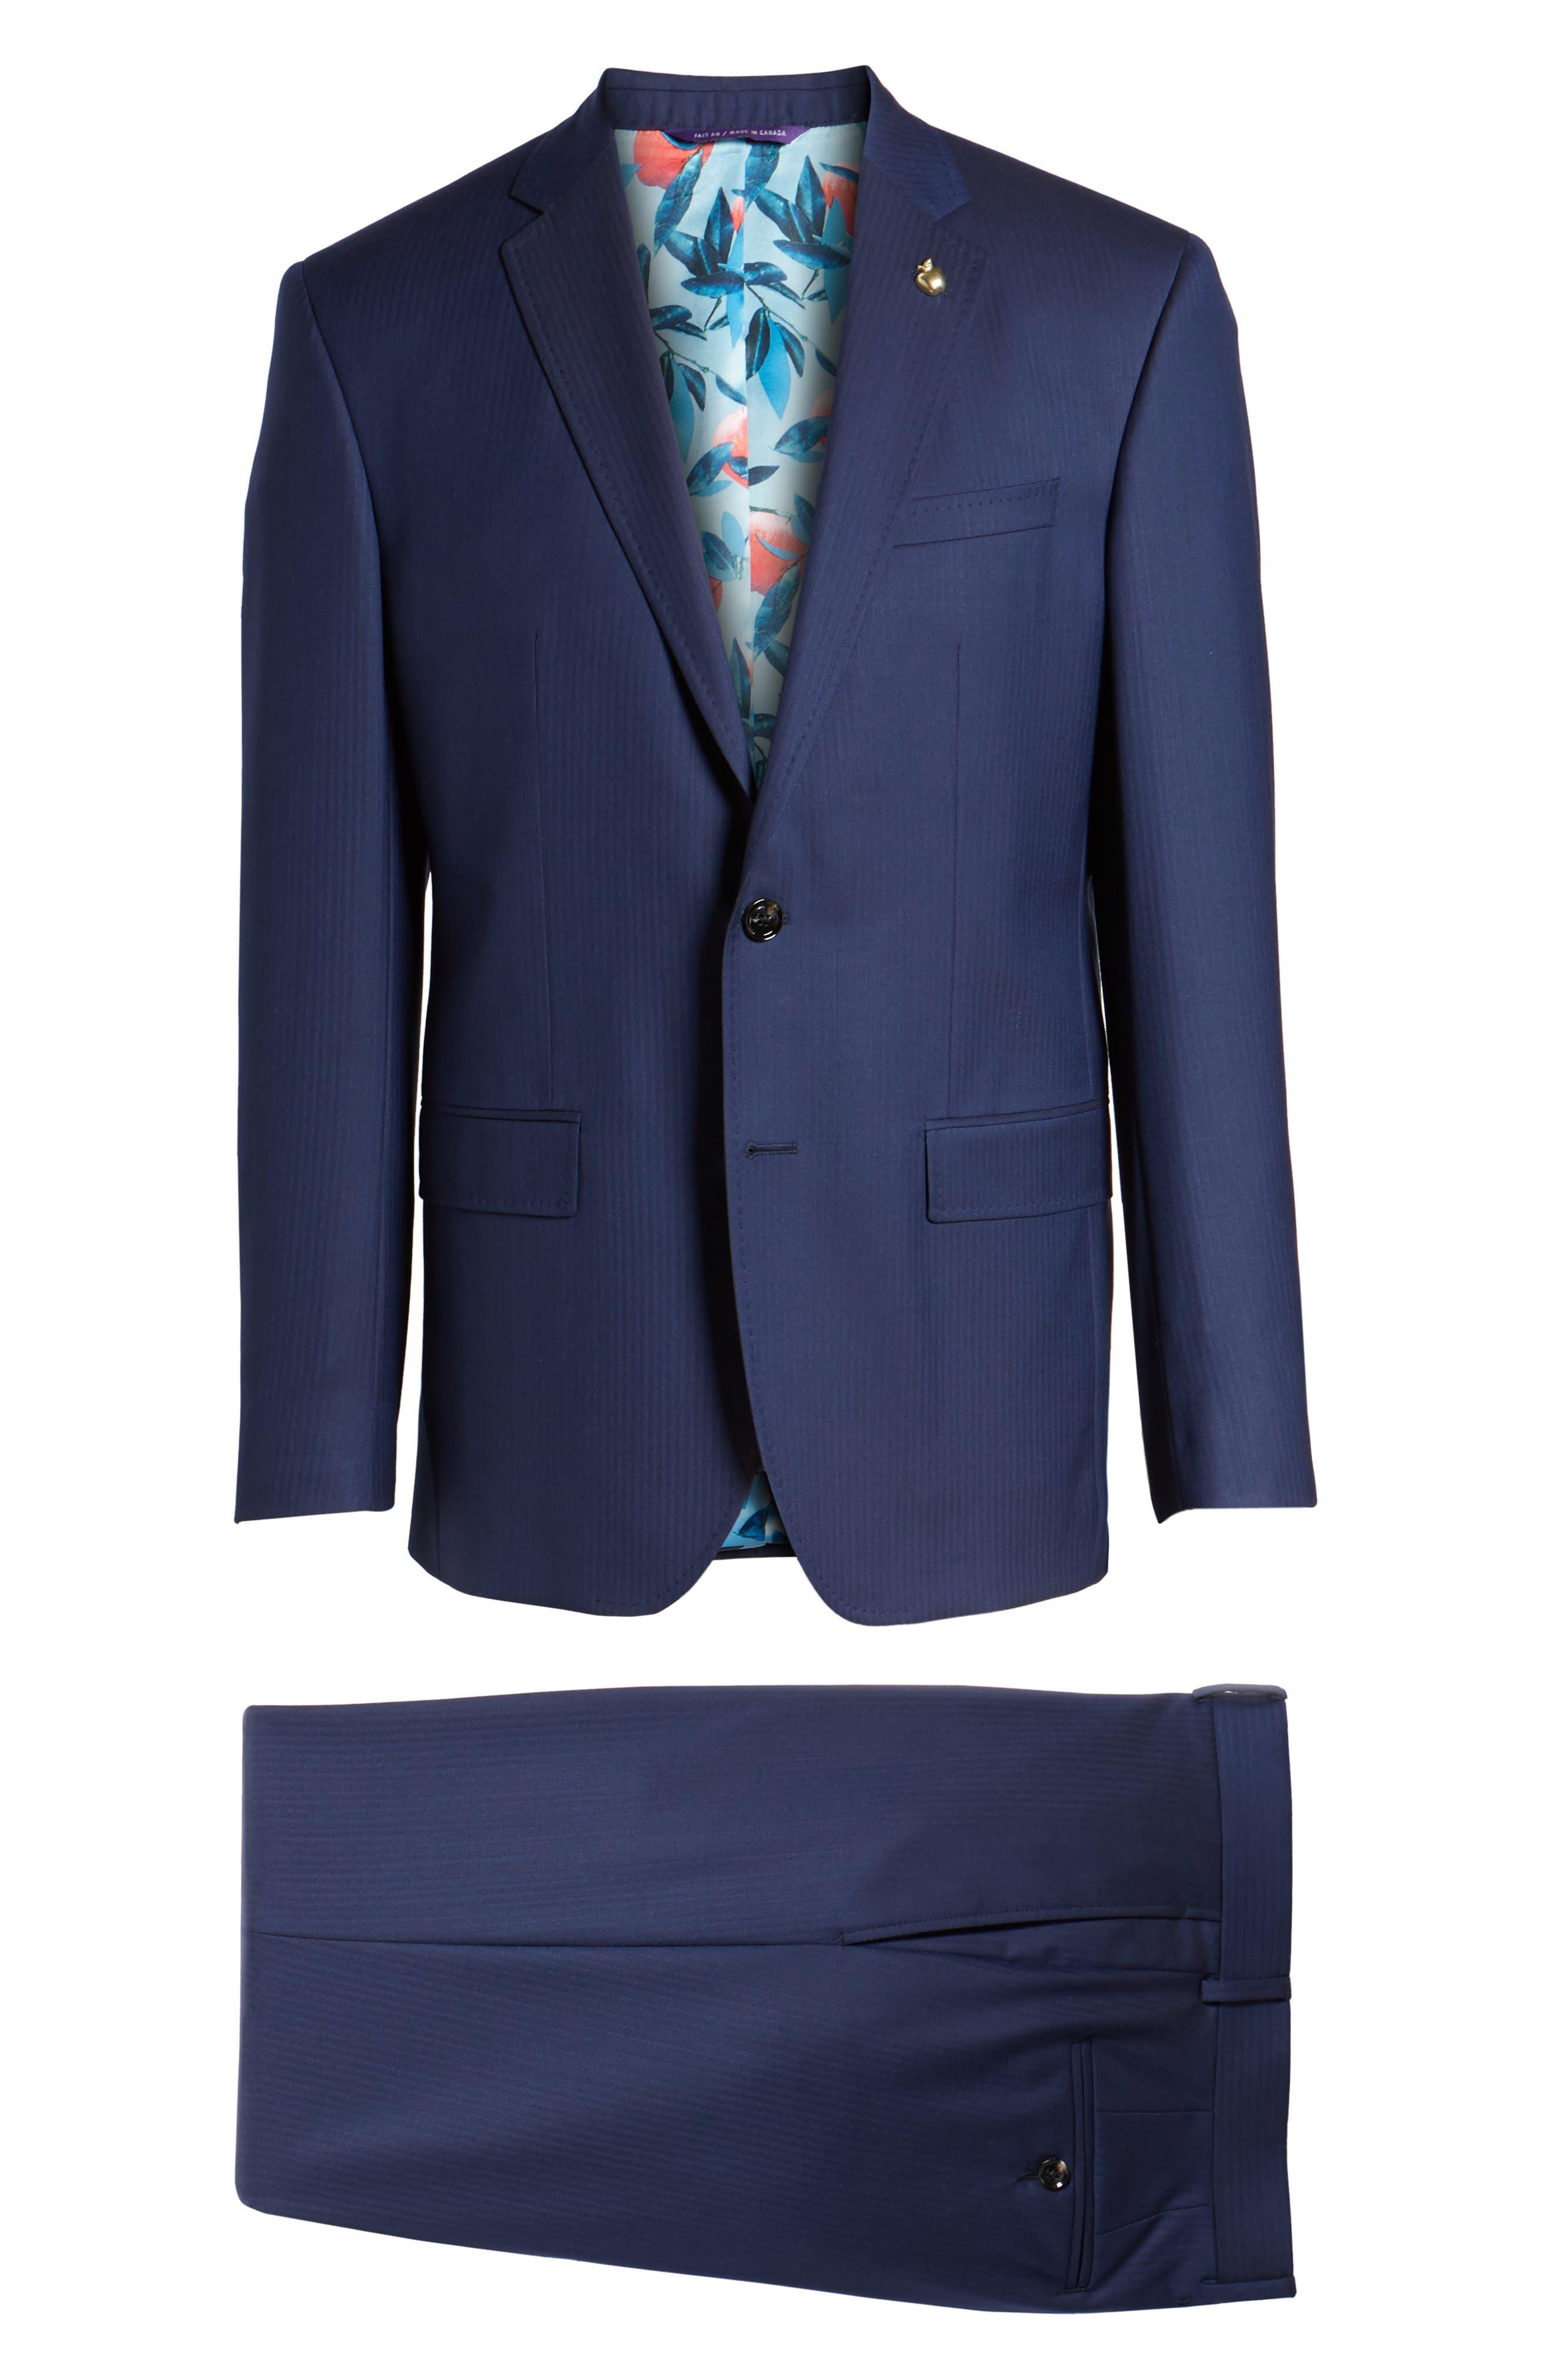 Jay Trim Fit Stripe Wool Suit,                             Alternate thumbnail 10, color,                             410